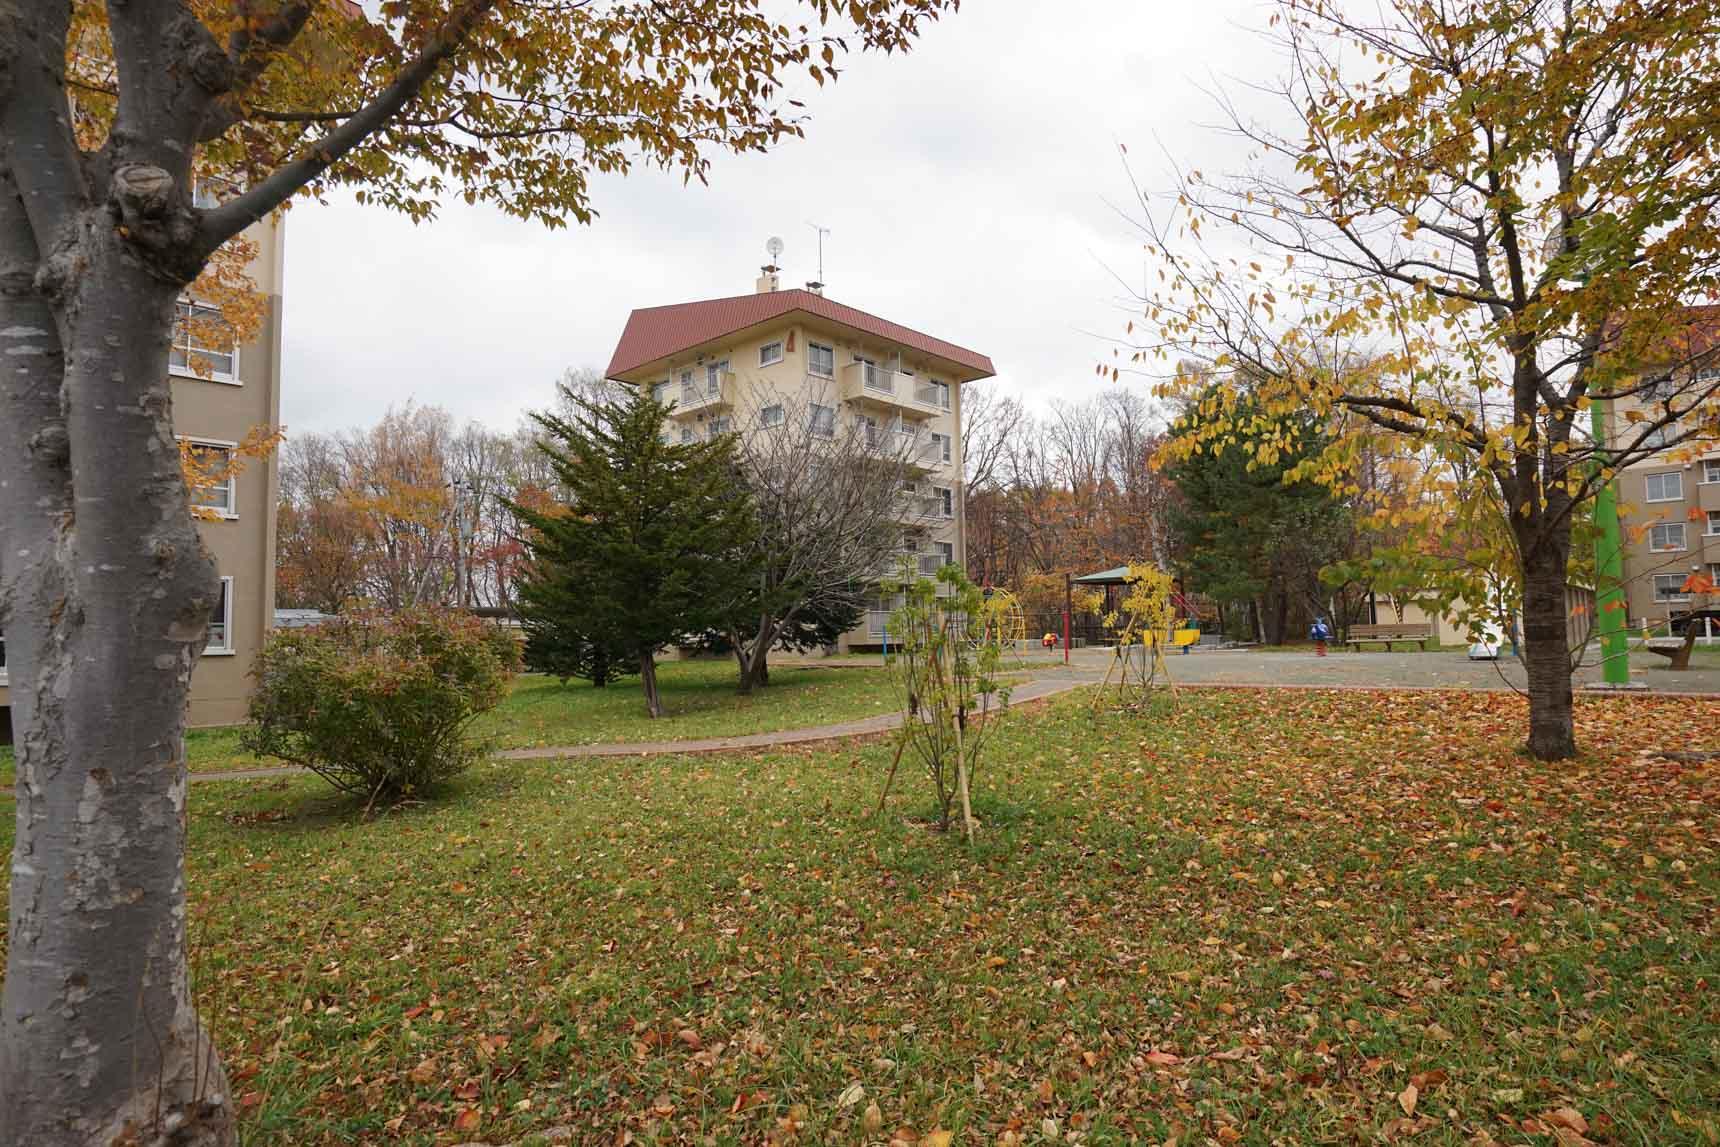 綺麗な芝生の敷地に、可愛らしいボックス型の住棟が並びます